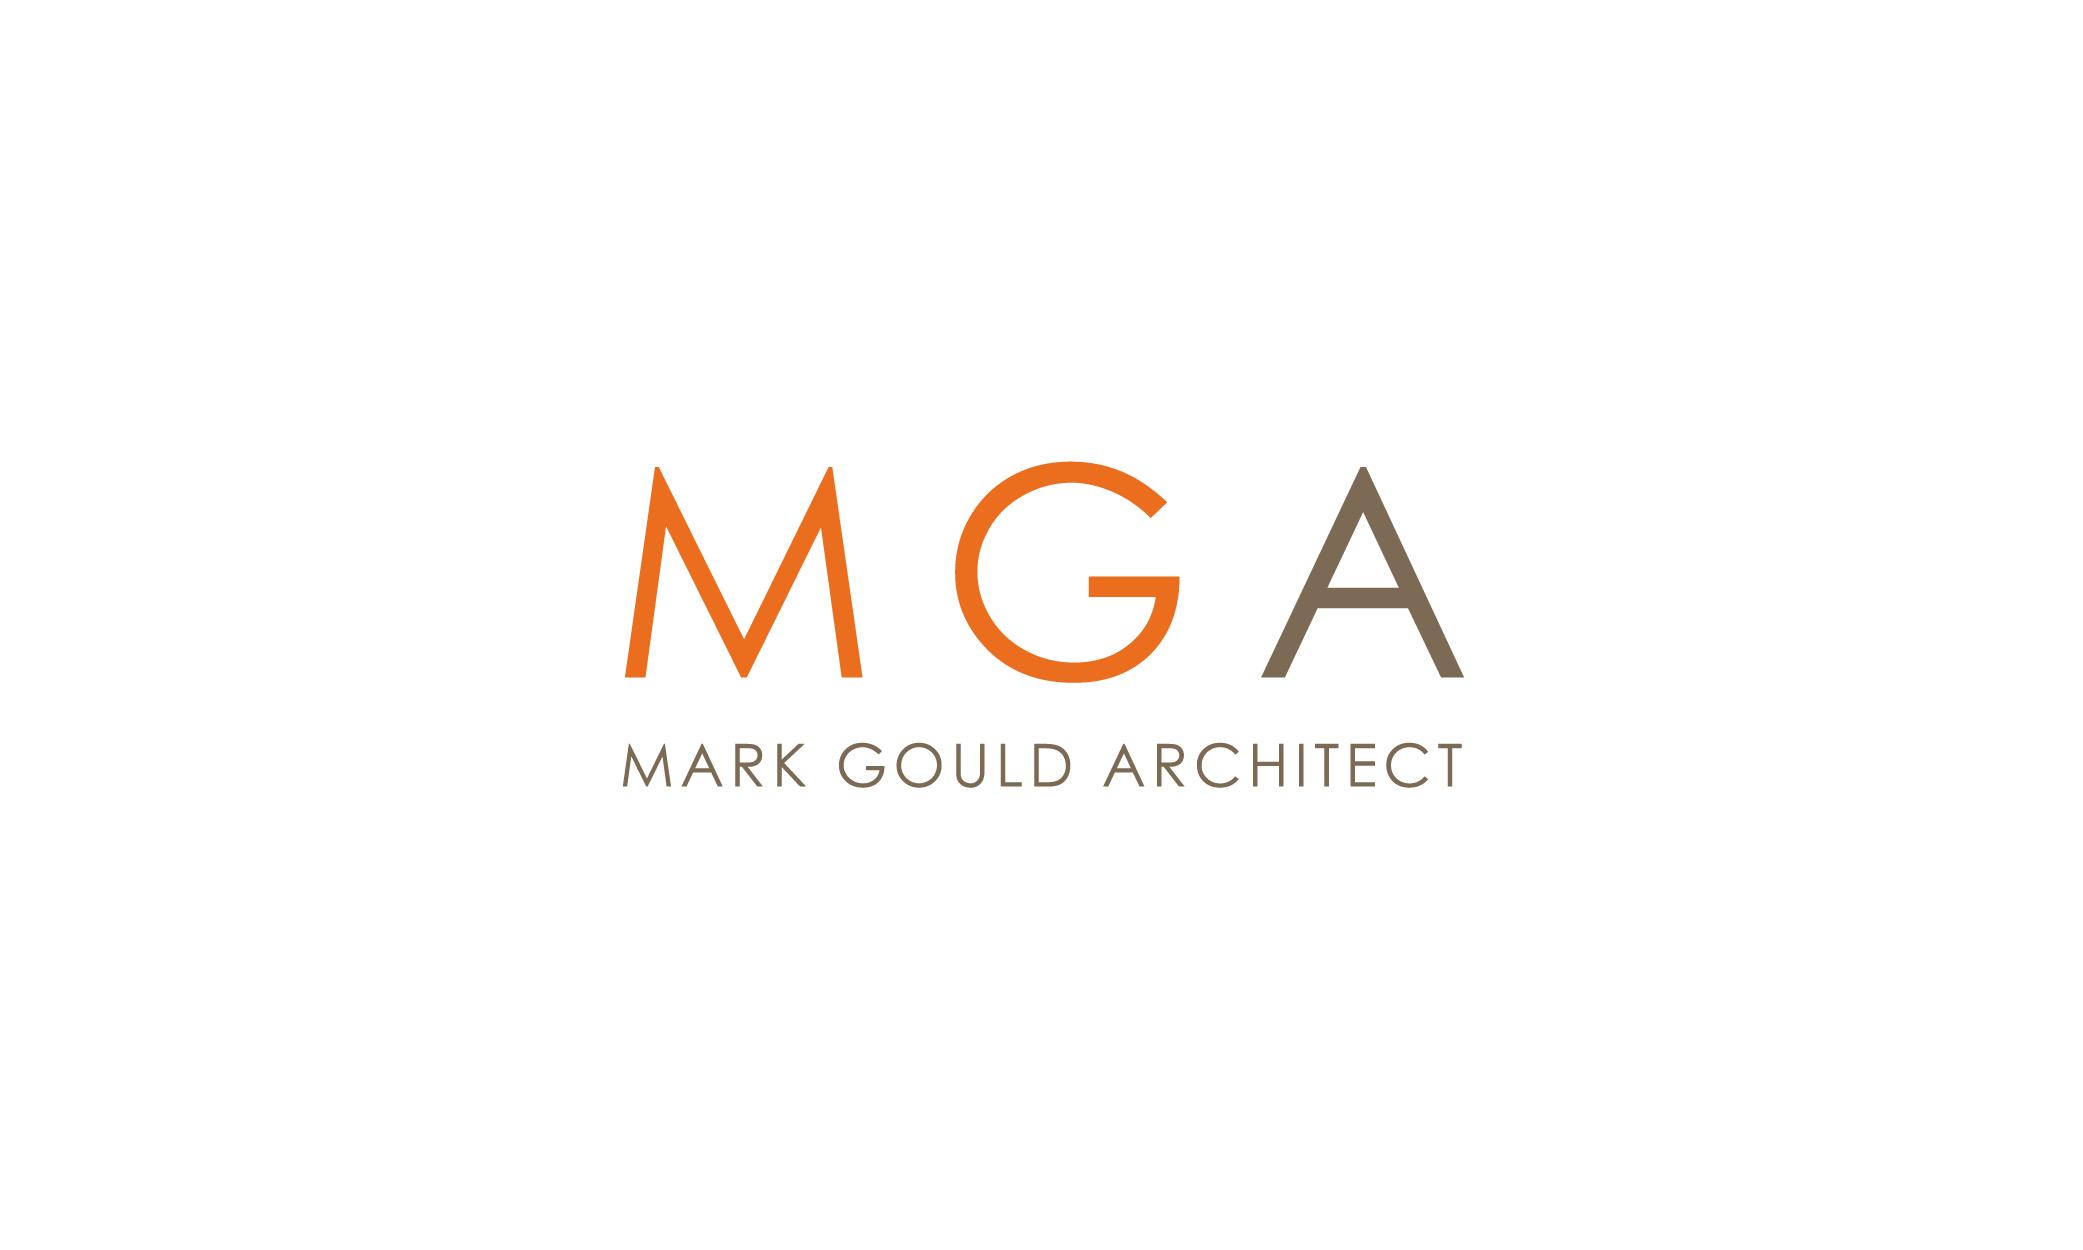 MGA_logo-01.png